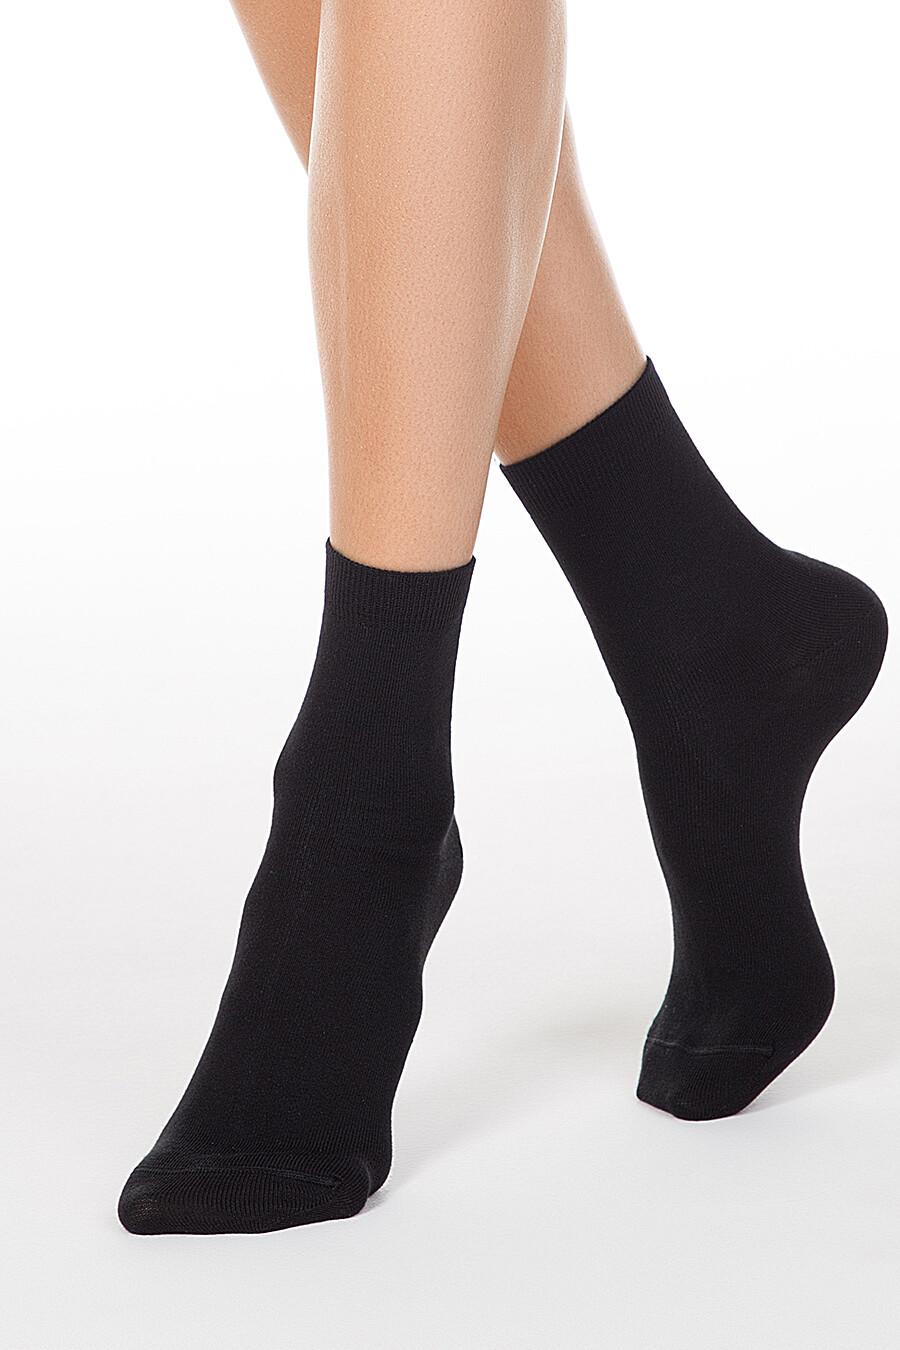 Носки для женщин CONTE ELEGANT 165278 купить оптом от производителя. Совместная покупка женской одежды в OptMoyo